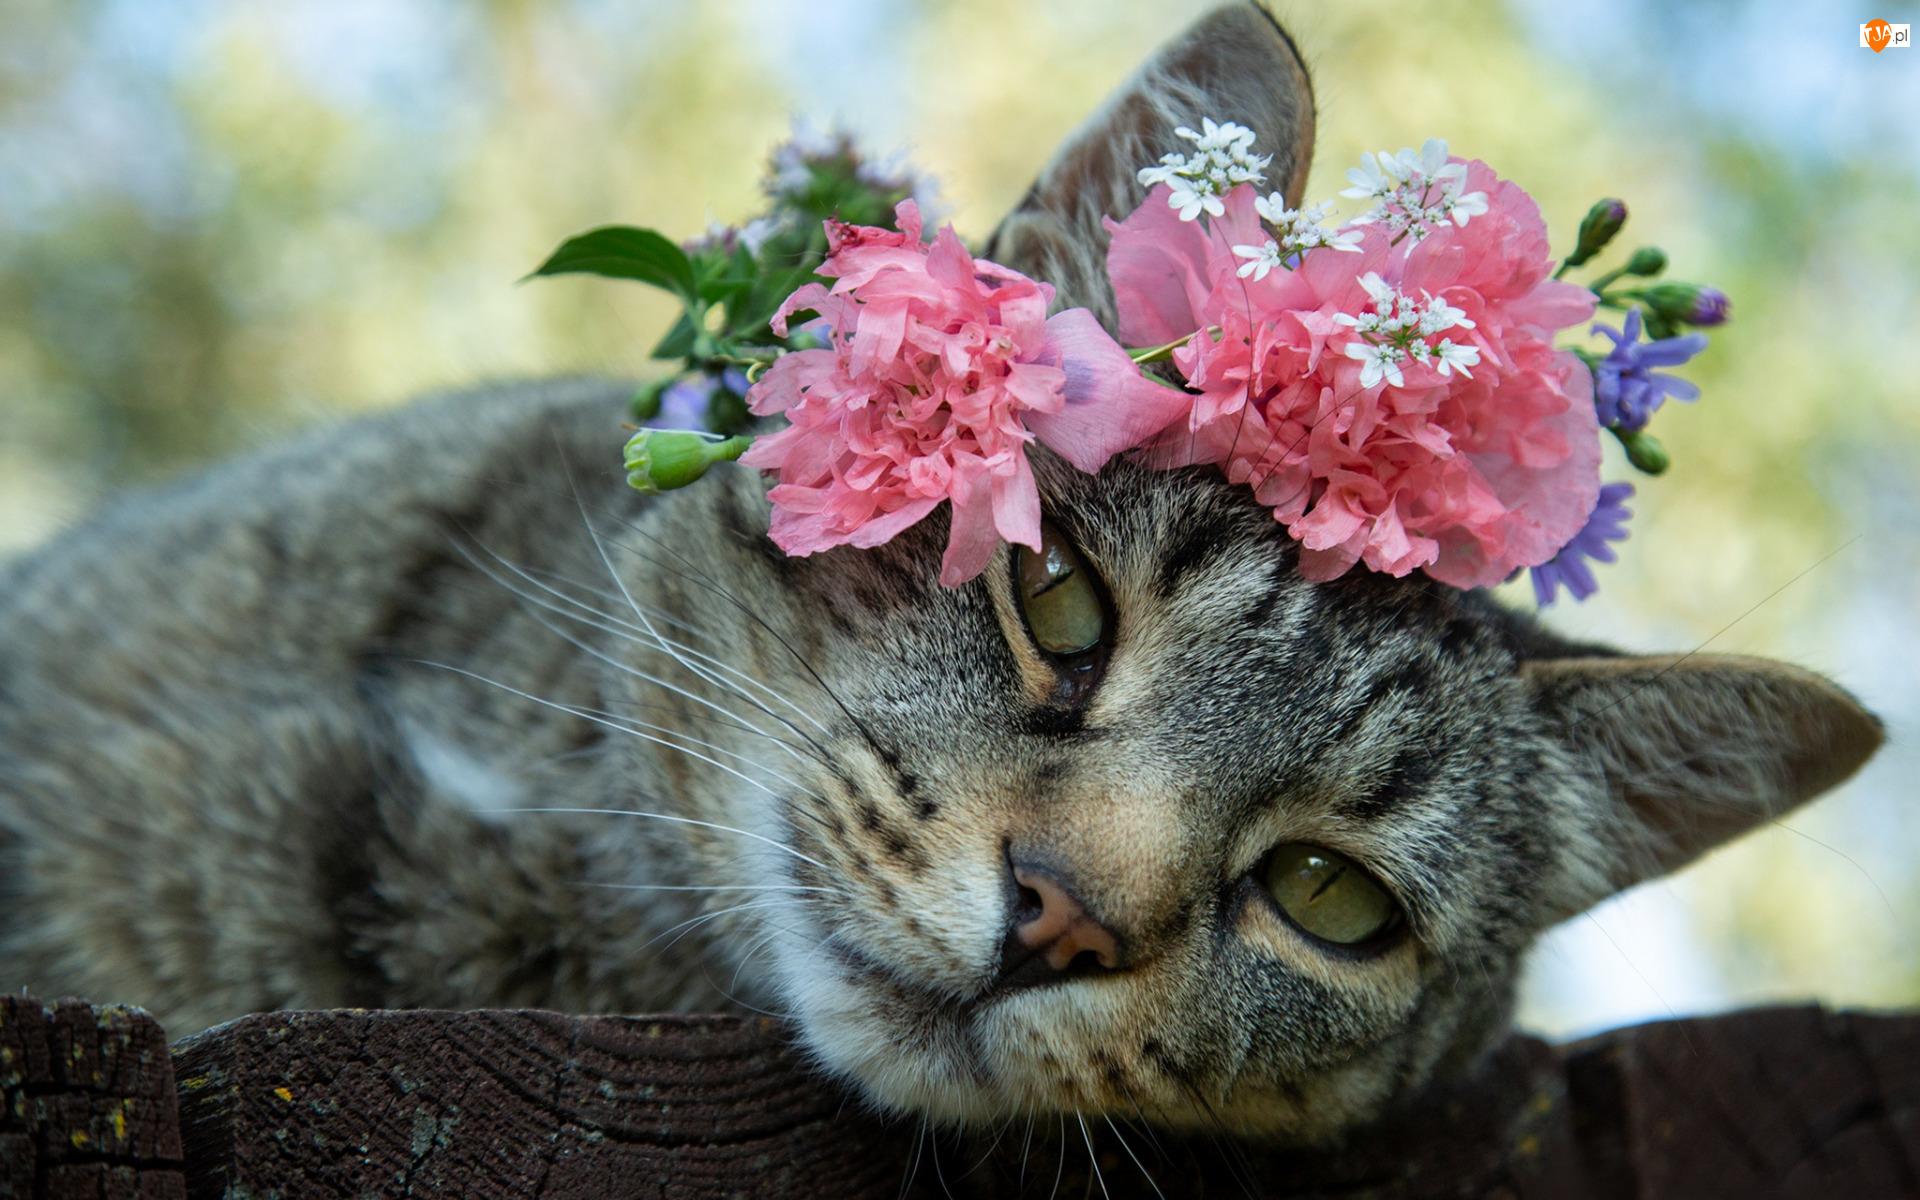 Kwiaty, Bury, Kot